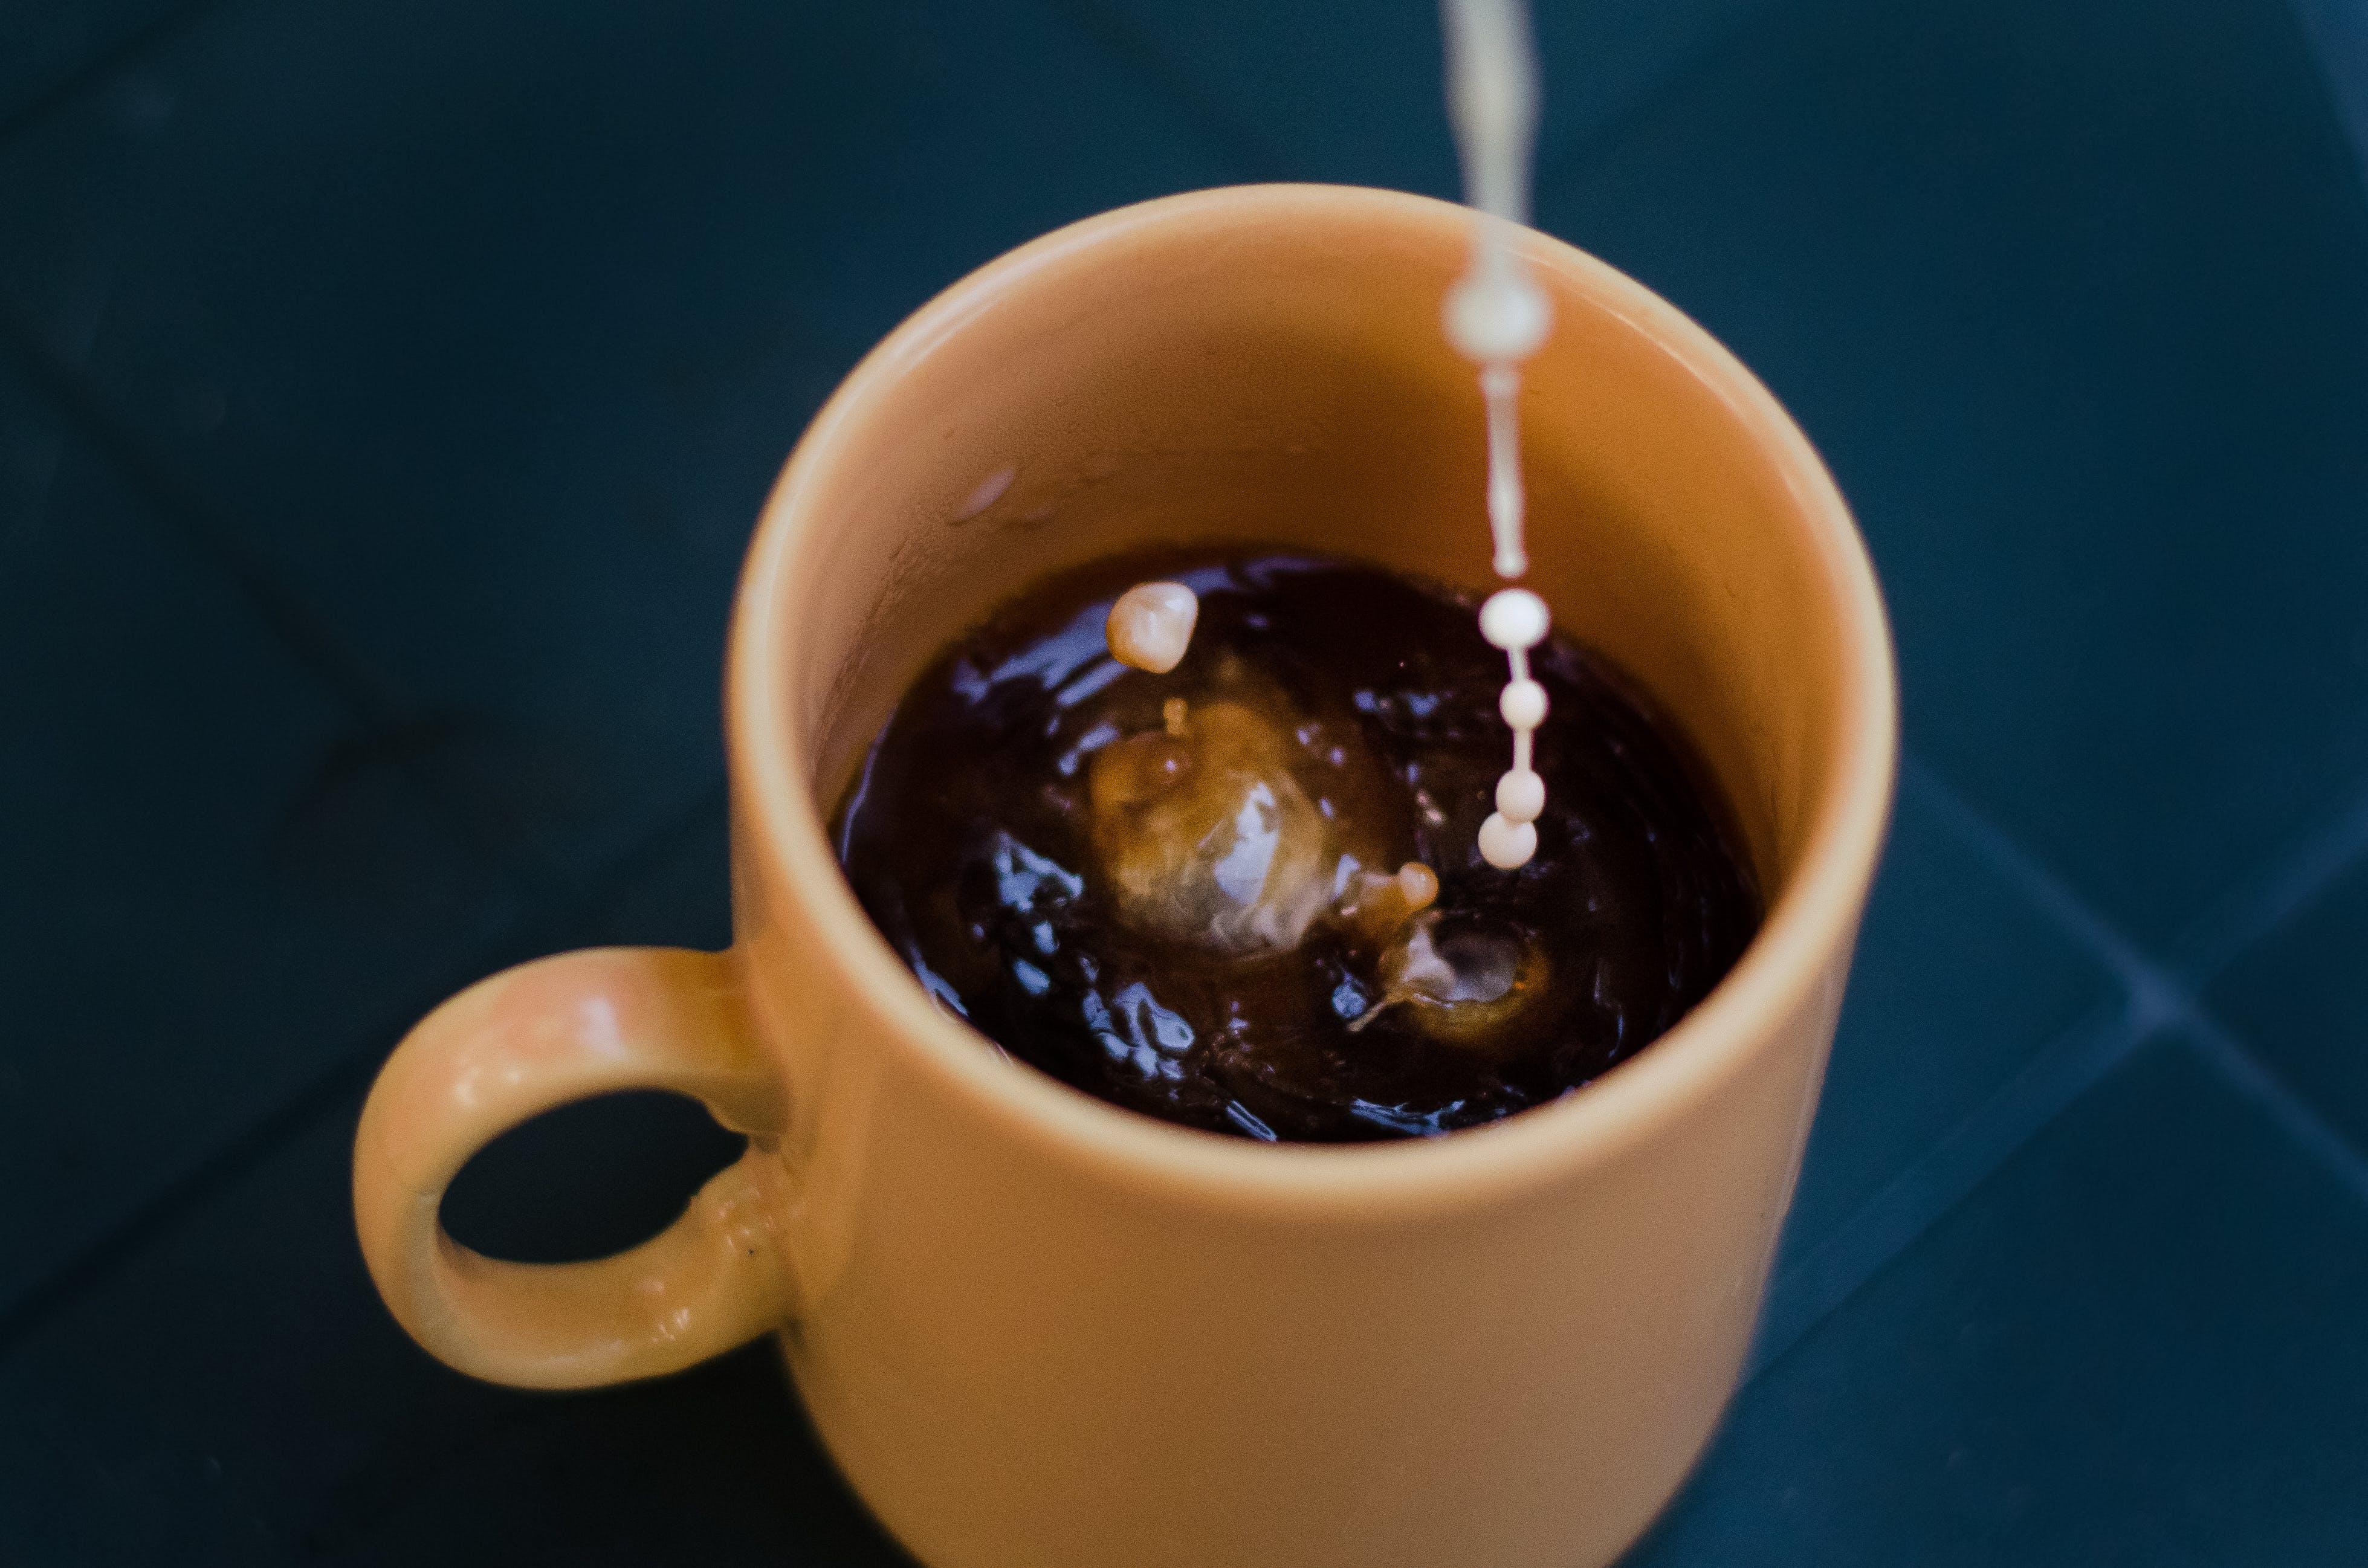 Black Liquid Filled Brown Ceramic Mug